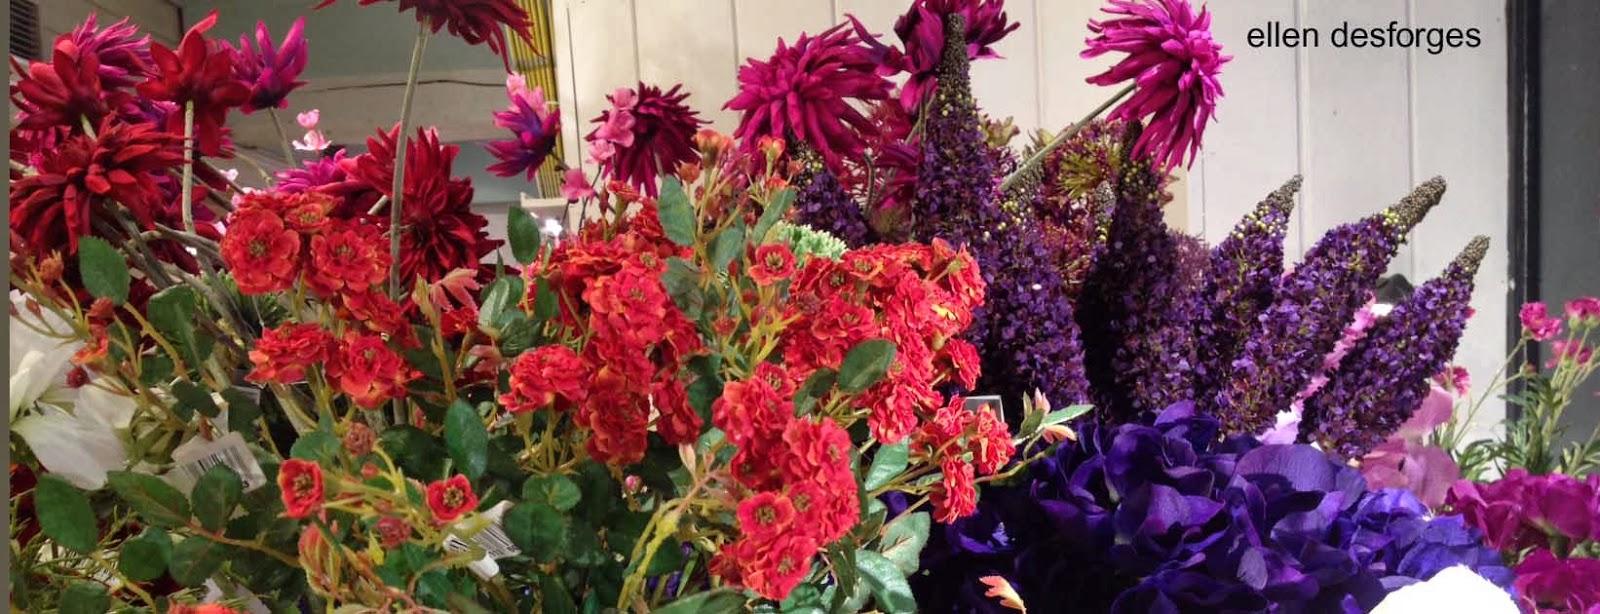 Ellen desforges soldes d 39 hiver ellen desforges remise for Soldes fleurs artificielles